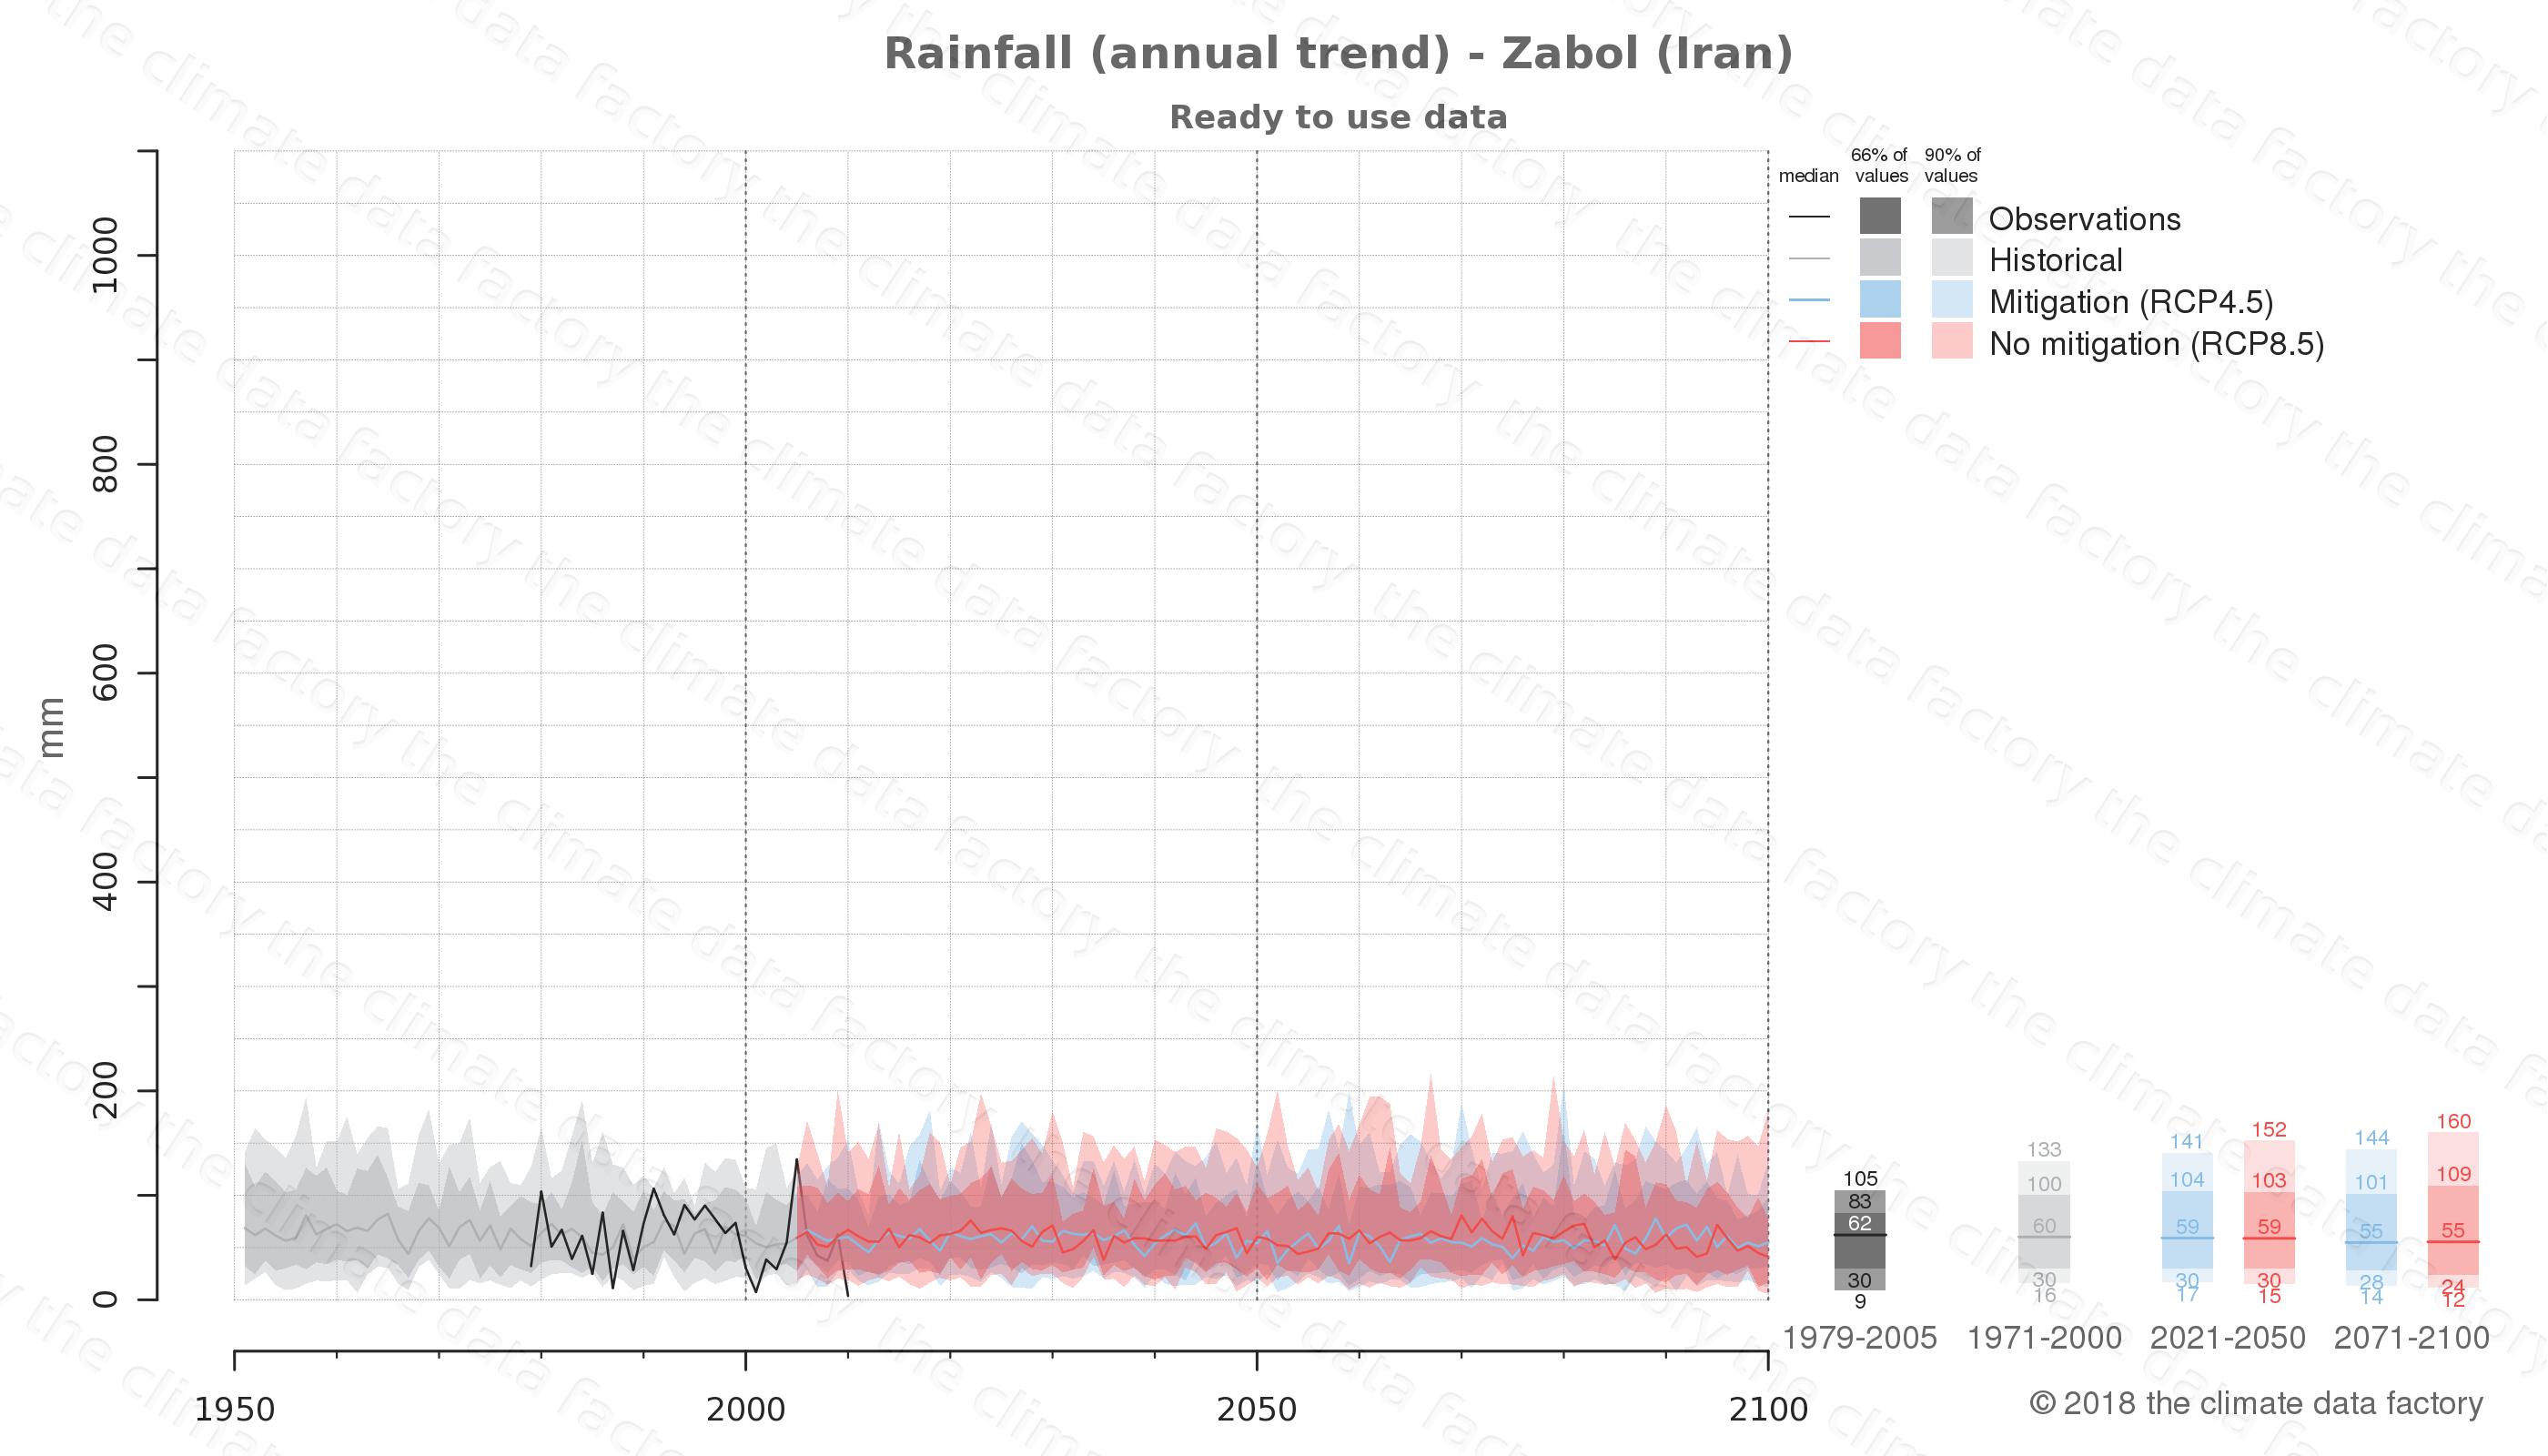 climate change data policy adaptation climate graph city data rainfall zabol iran